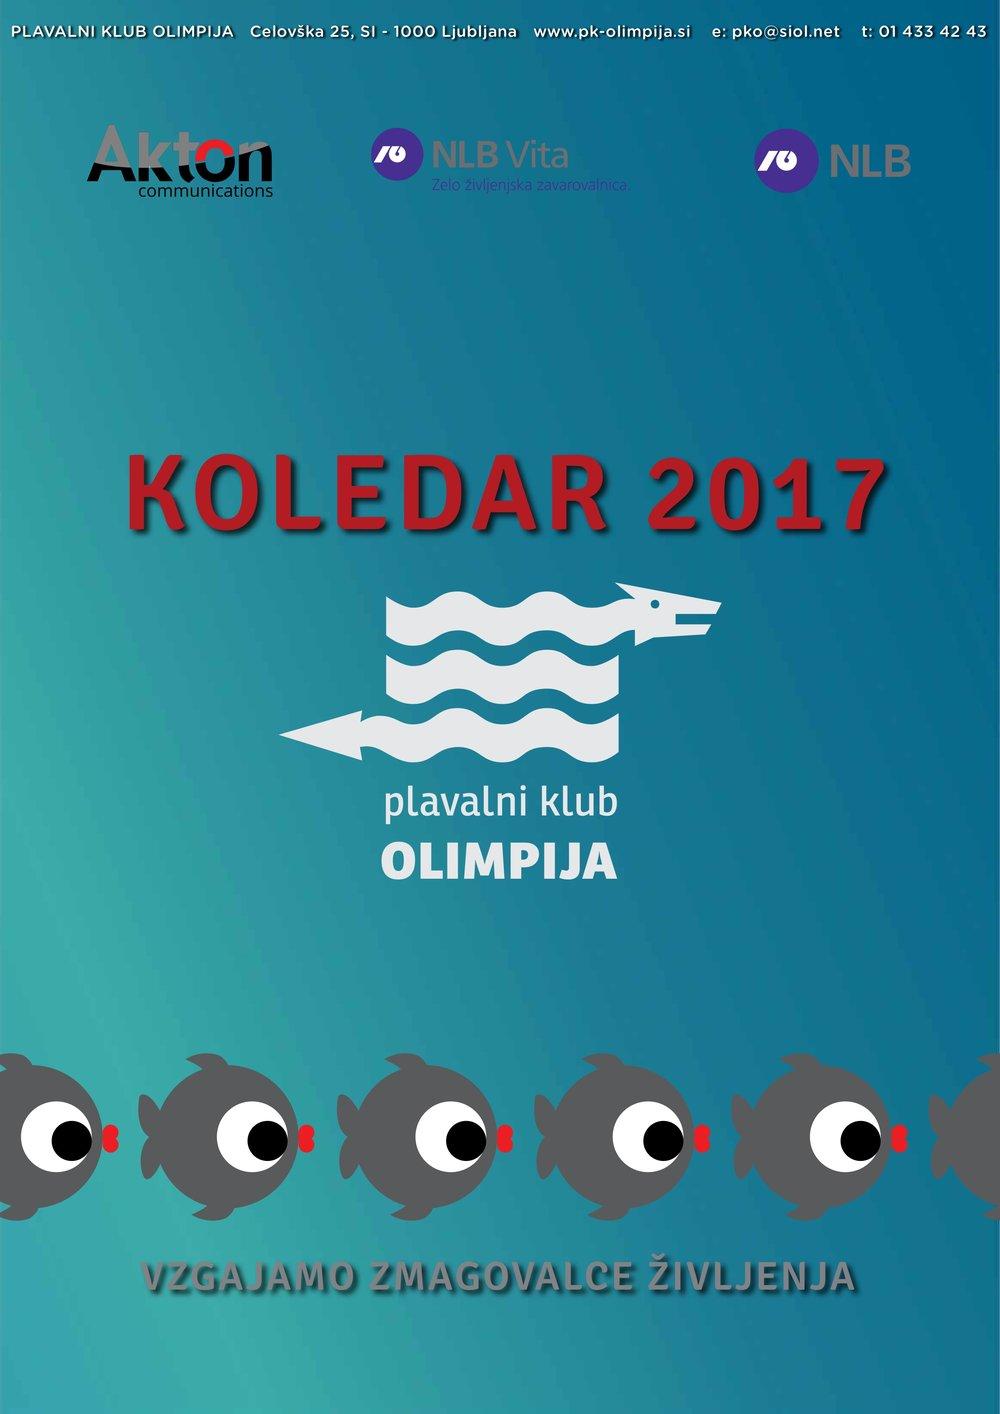 PKO koledar 2017